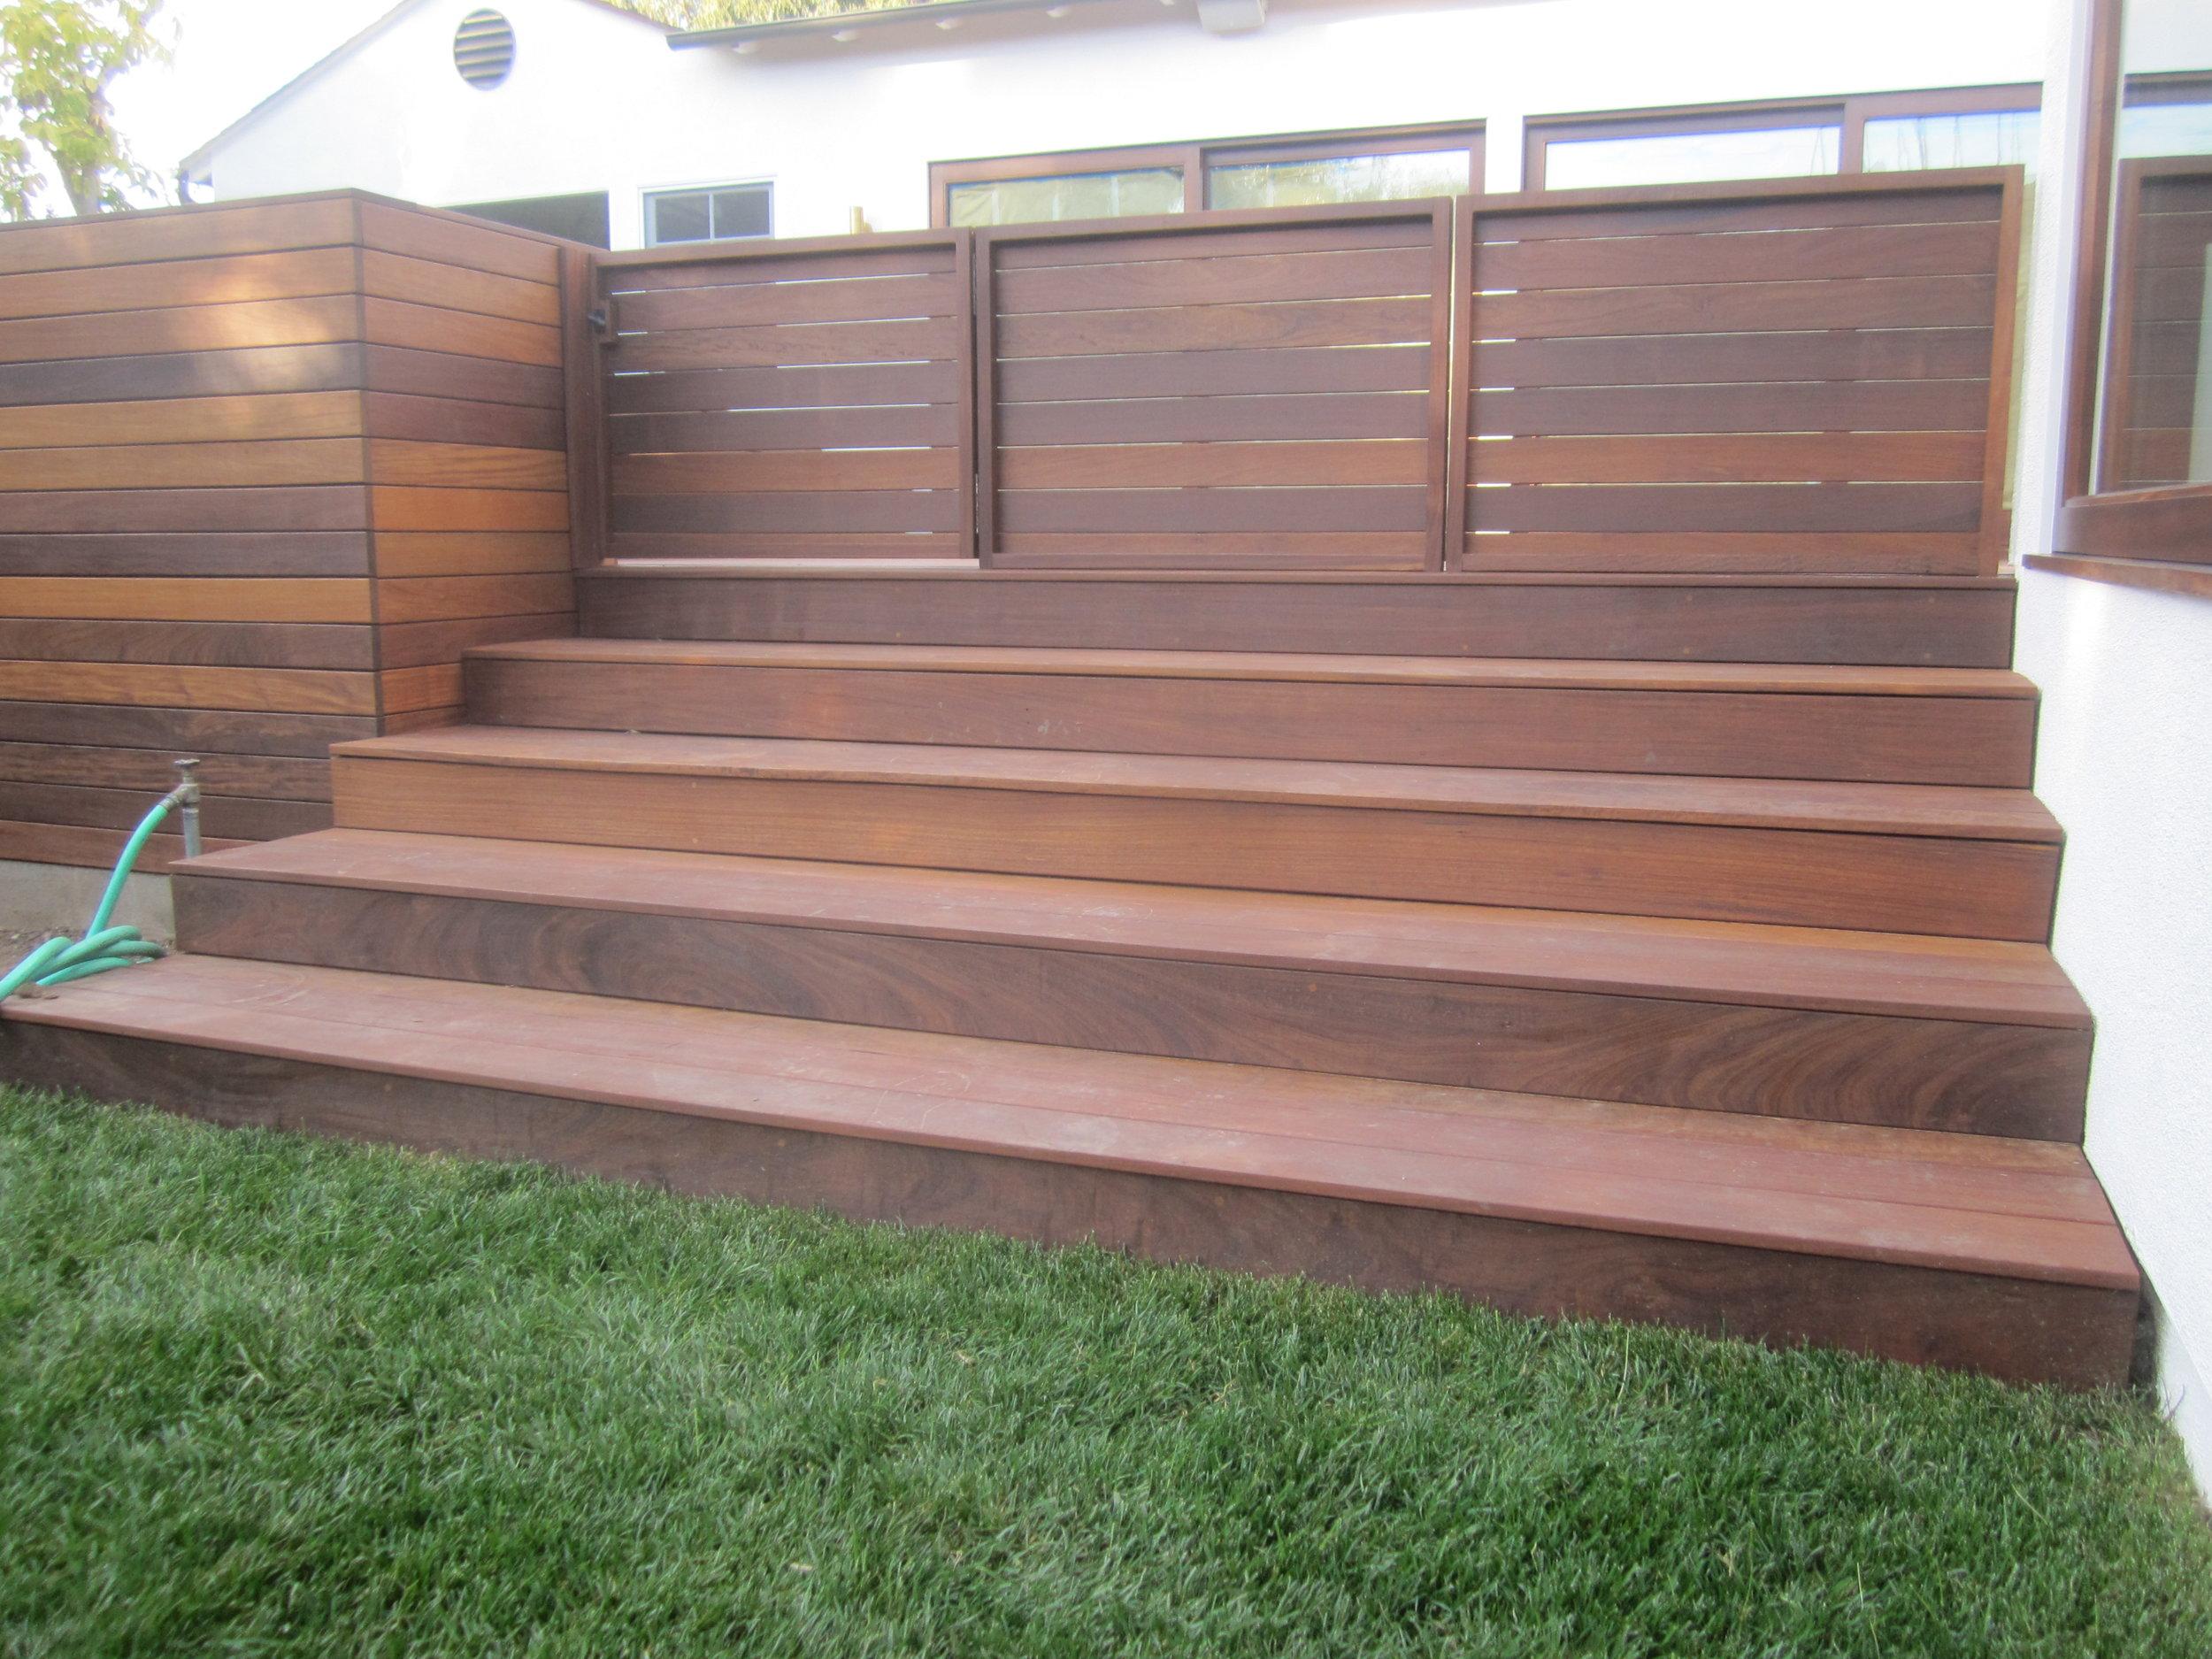 carpenter-goias-home-improvement-newjersey (8).jpg